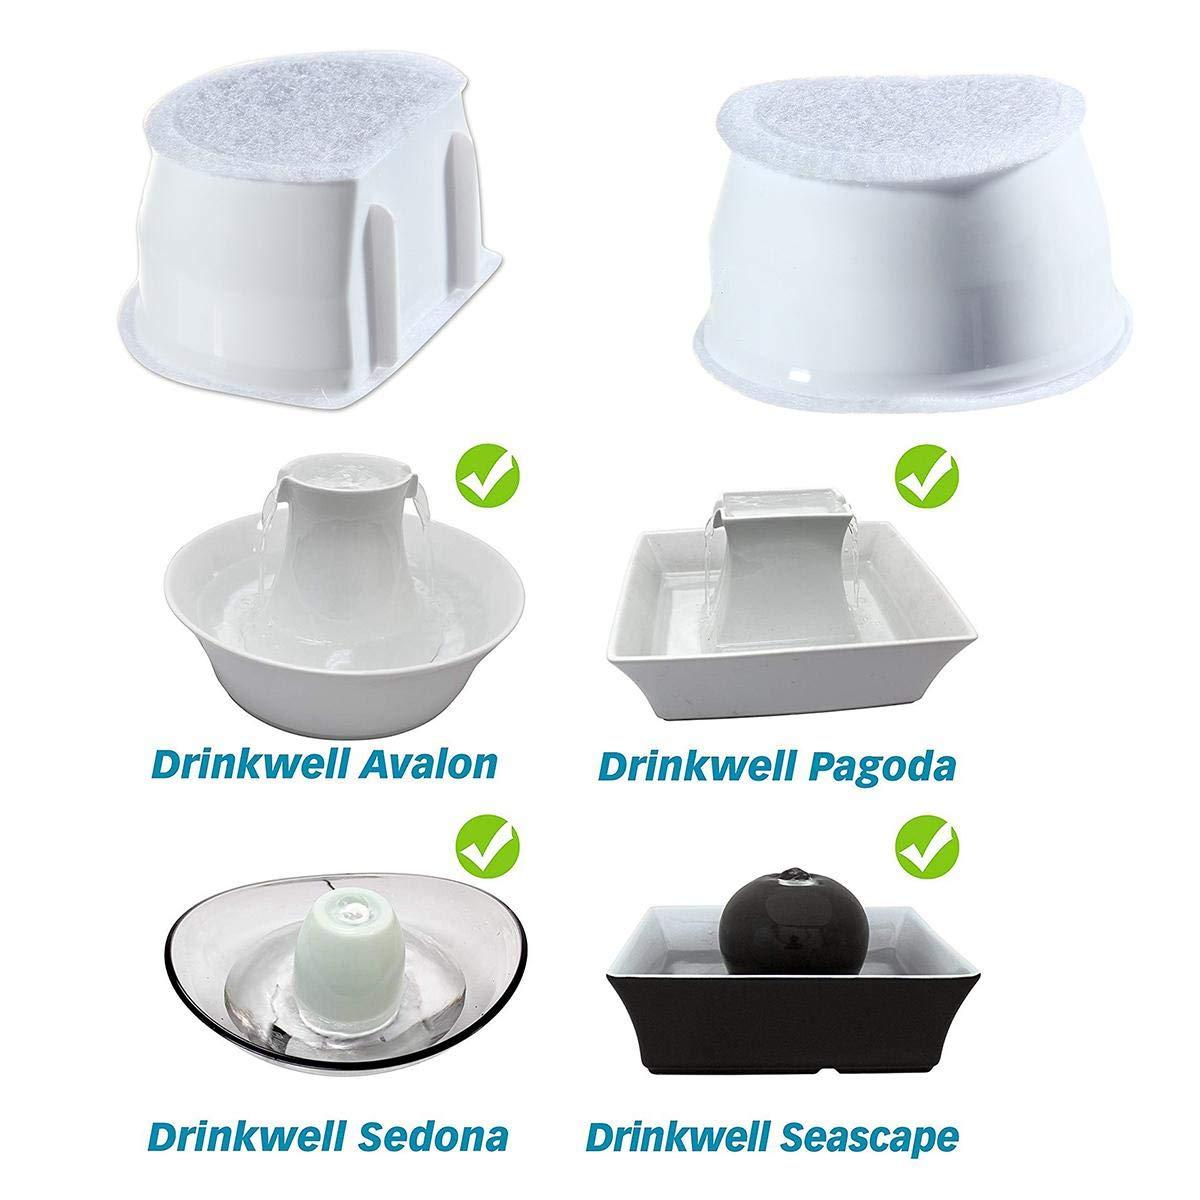 Filtros de Dispensador de Agua de Carb/ón Activado Org/ánica los Mejores Filtros de Fuente AOLVO 8 Paquetes de Filtros de Reemplazo Drinkwell para Avalon Pagoda Pet Fountains